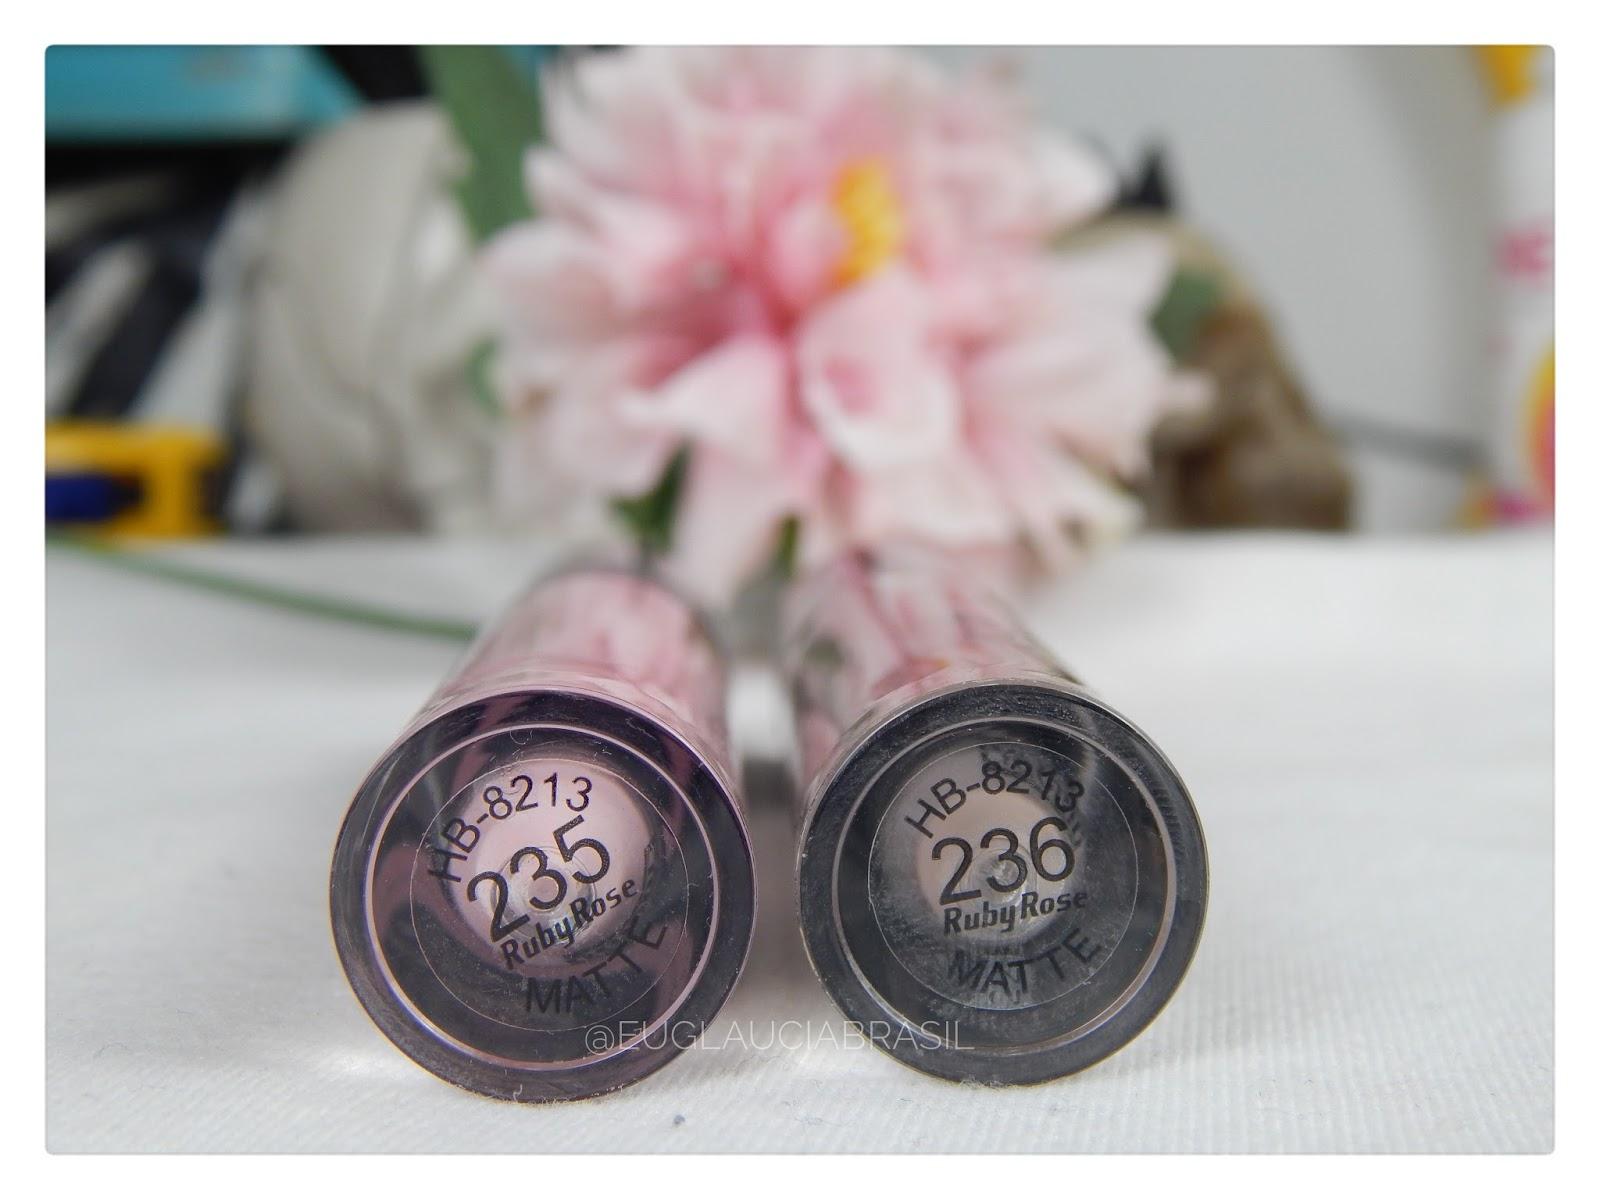 batom rosa 235 matte ruby rose, batom marrom acinzentado 236 matte ruby rose